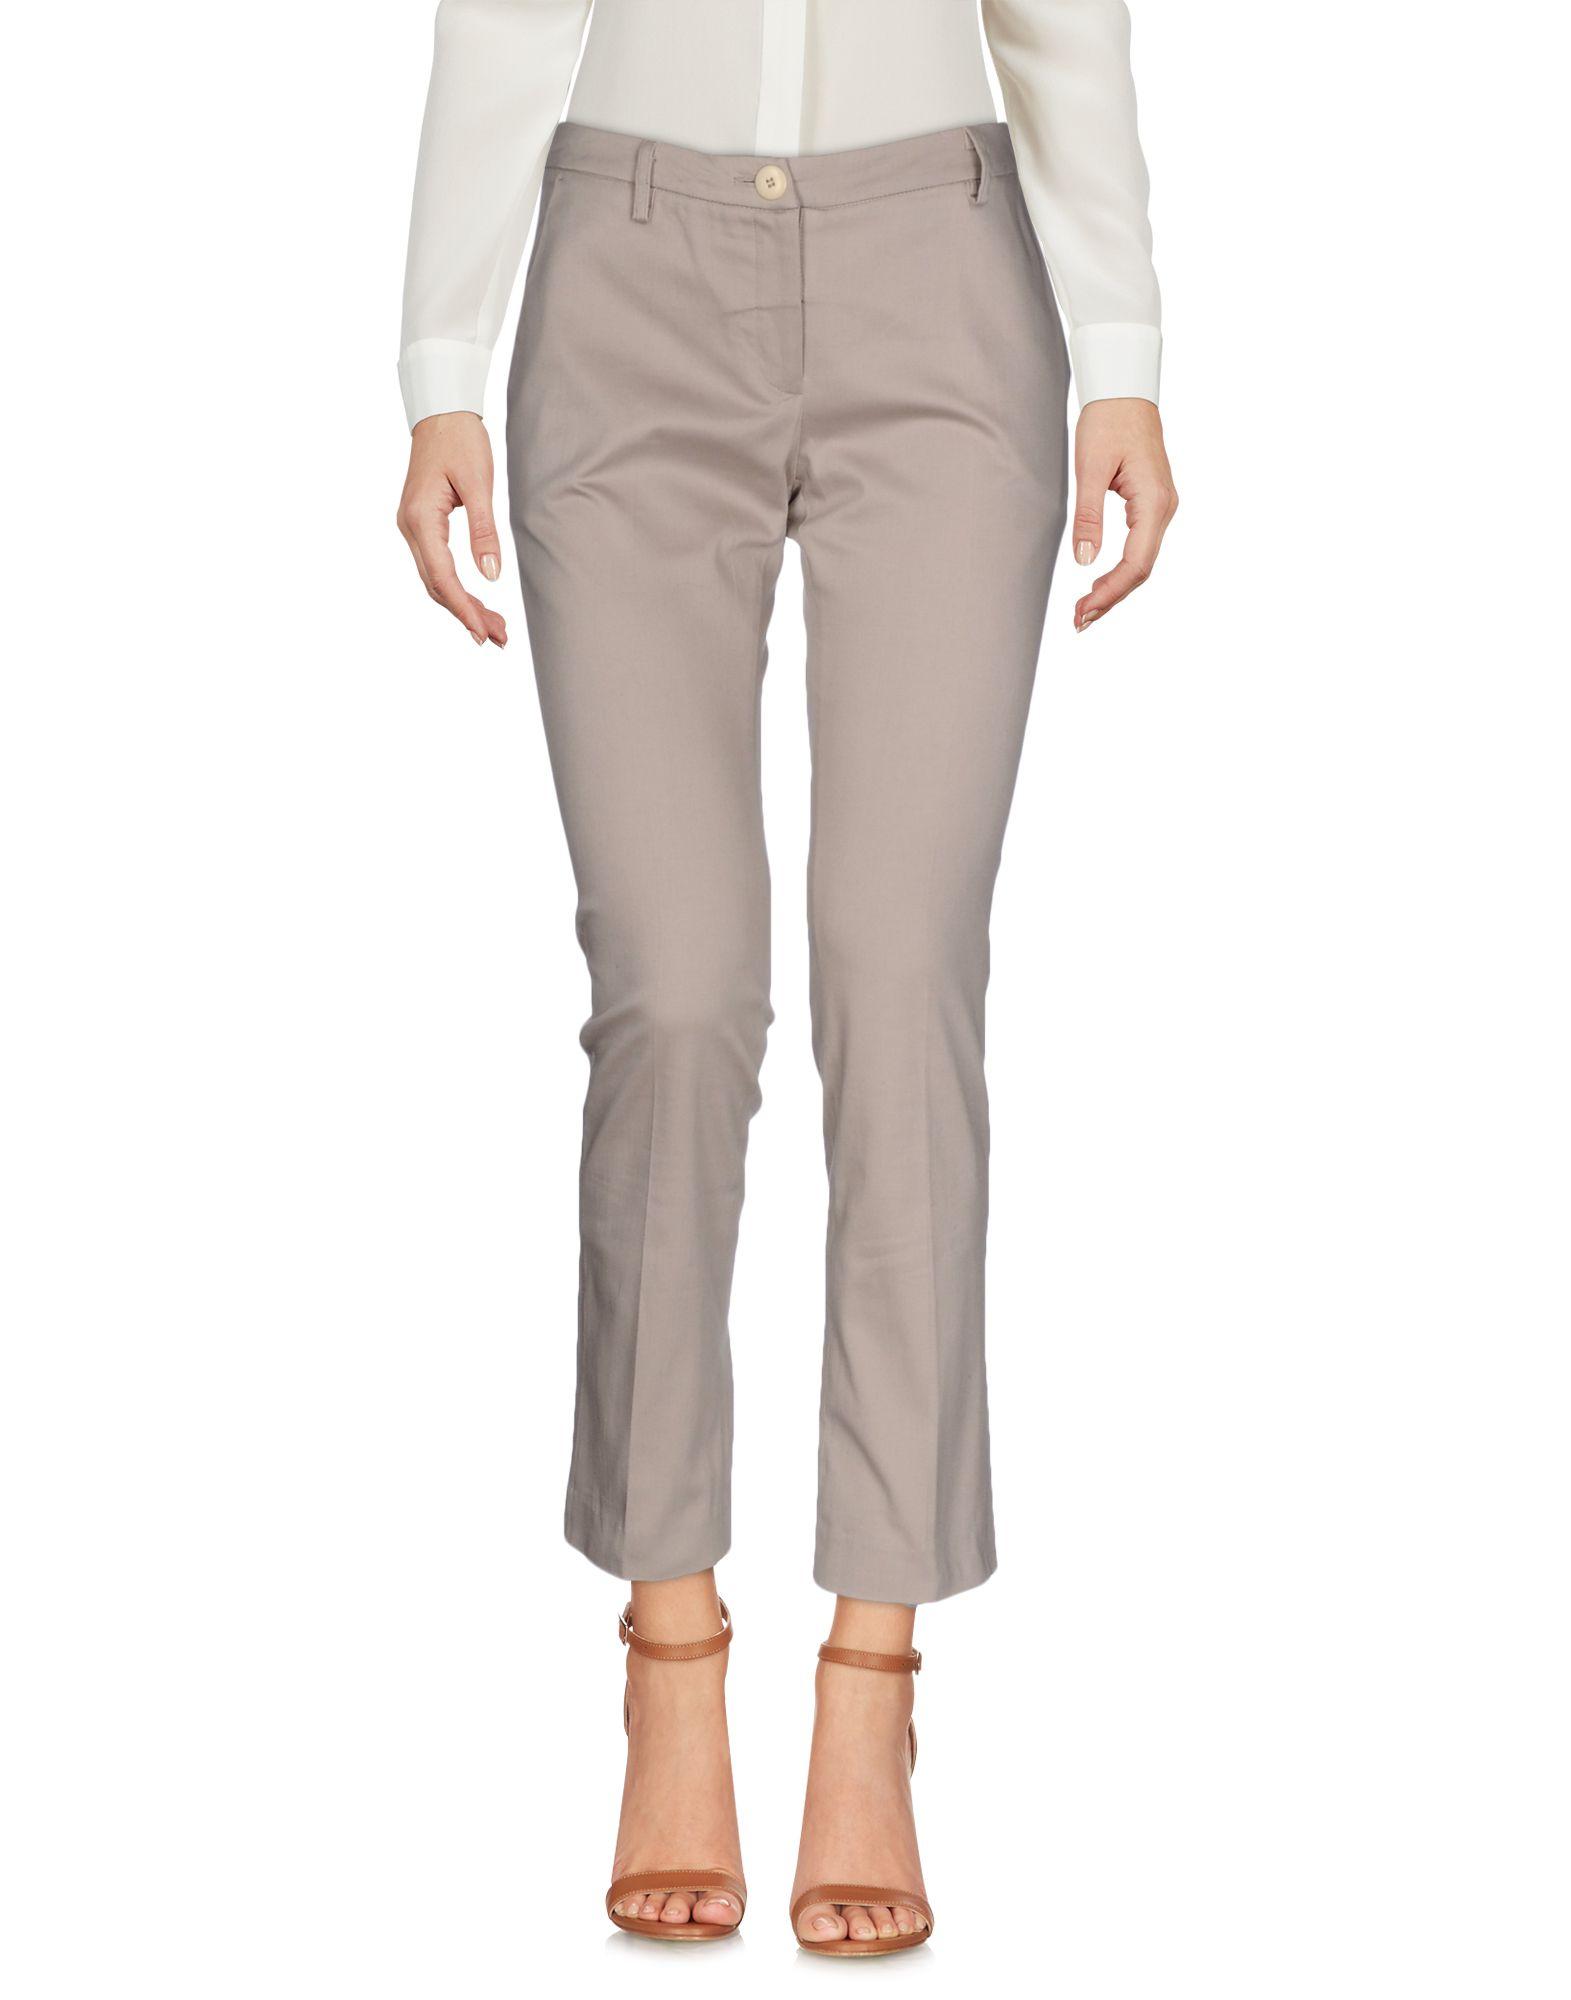 estelle 495 повседневные брюки ESTELLE 495 Повседневные брюки